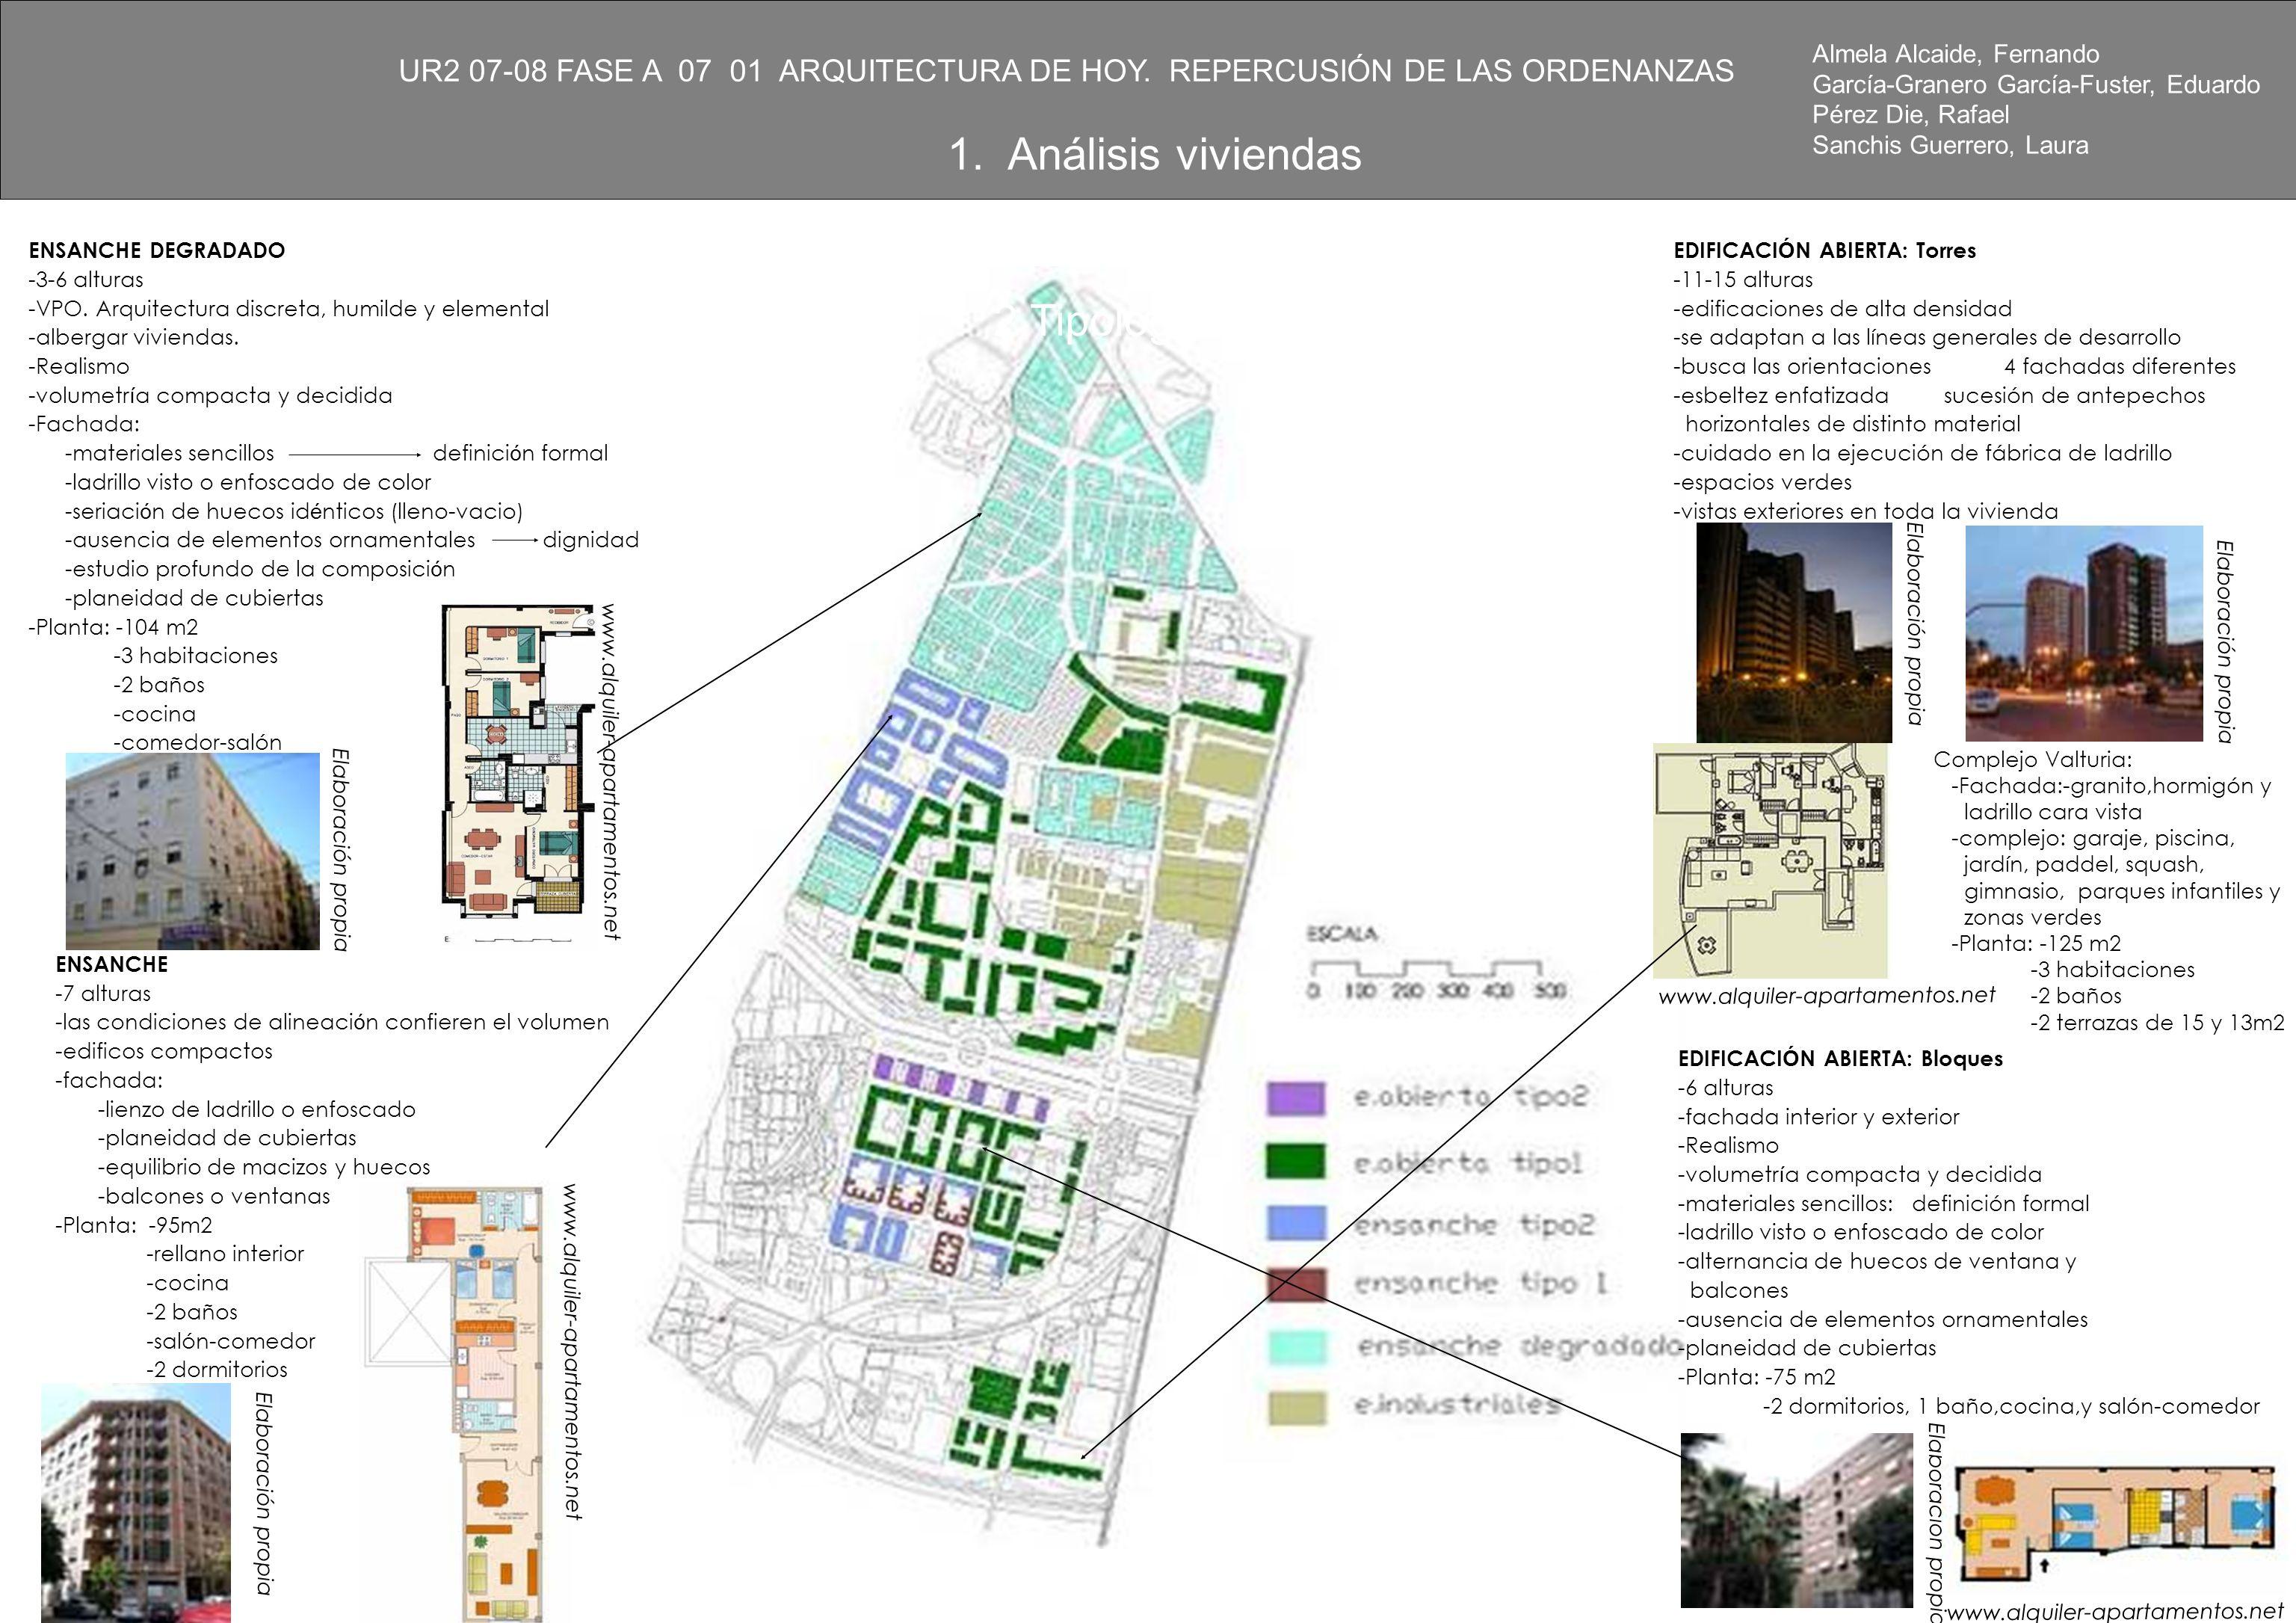 MERCADO DE JÉSUS -Ubicación: Plaza de Jesús -Dimensiones : 680 m 2 -Descripción: edif.